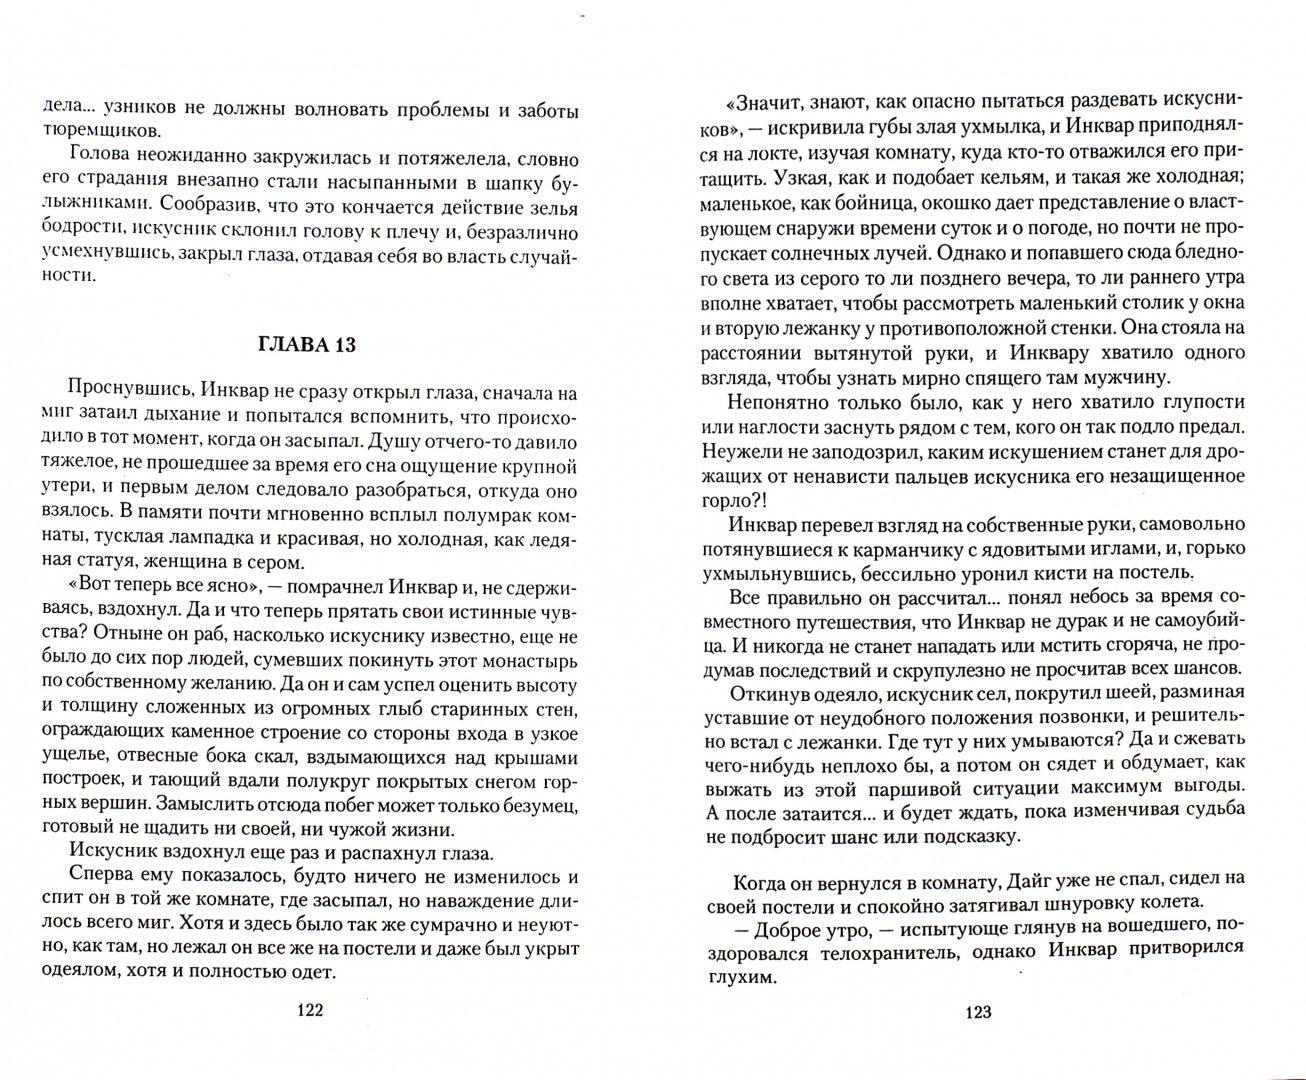 Иллюстрация 1 из 21 для Искусник. Потери и находки - Вера Чиркова | Лабиринт - книги. Источник: Лабиринт